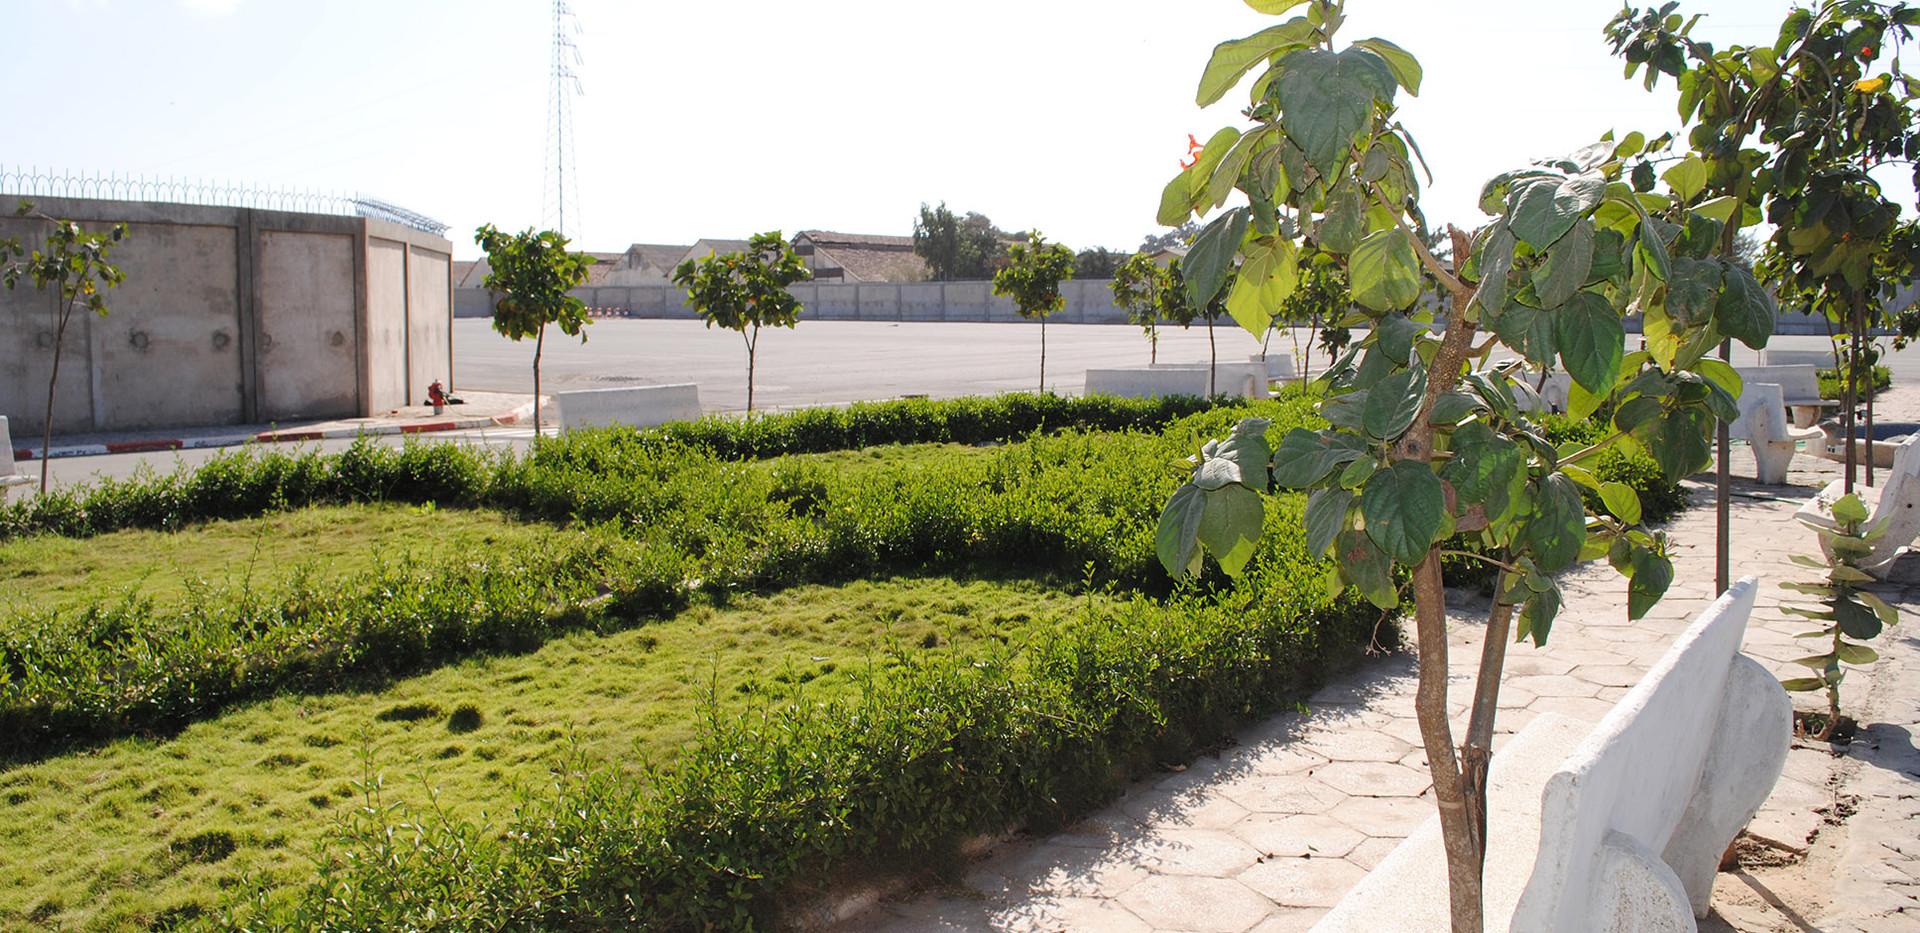 espaces verts 307.jpg